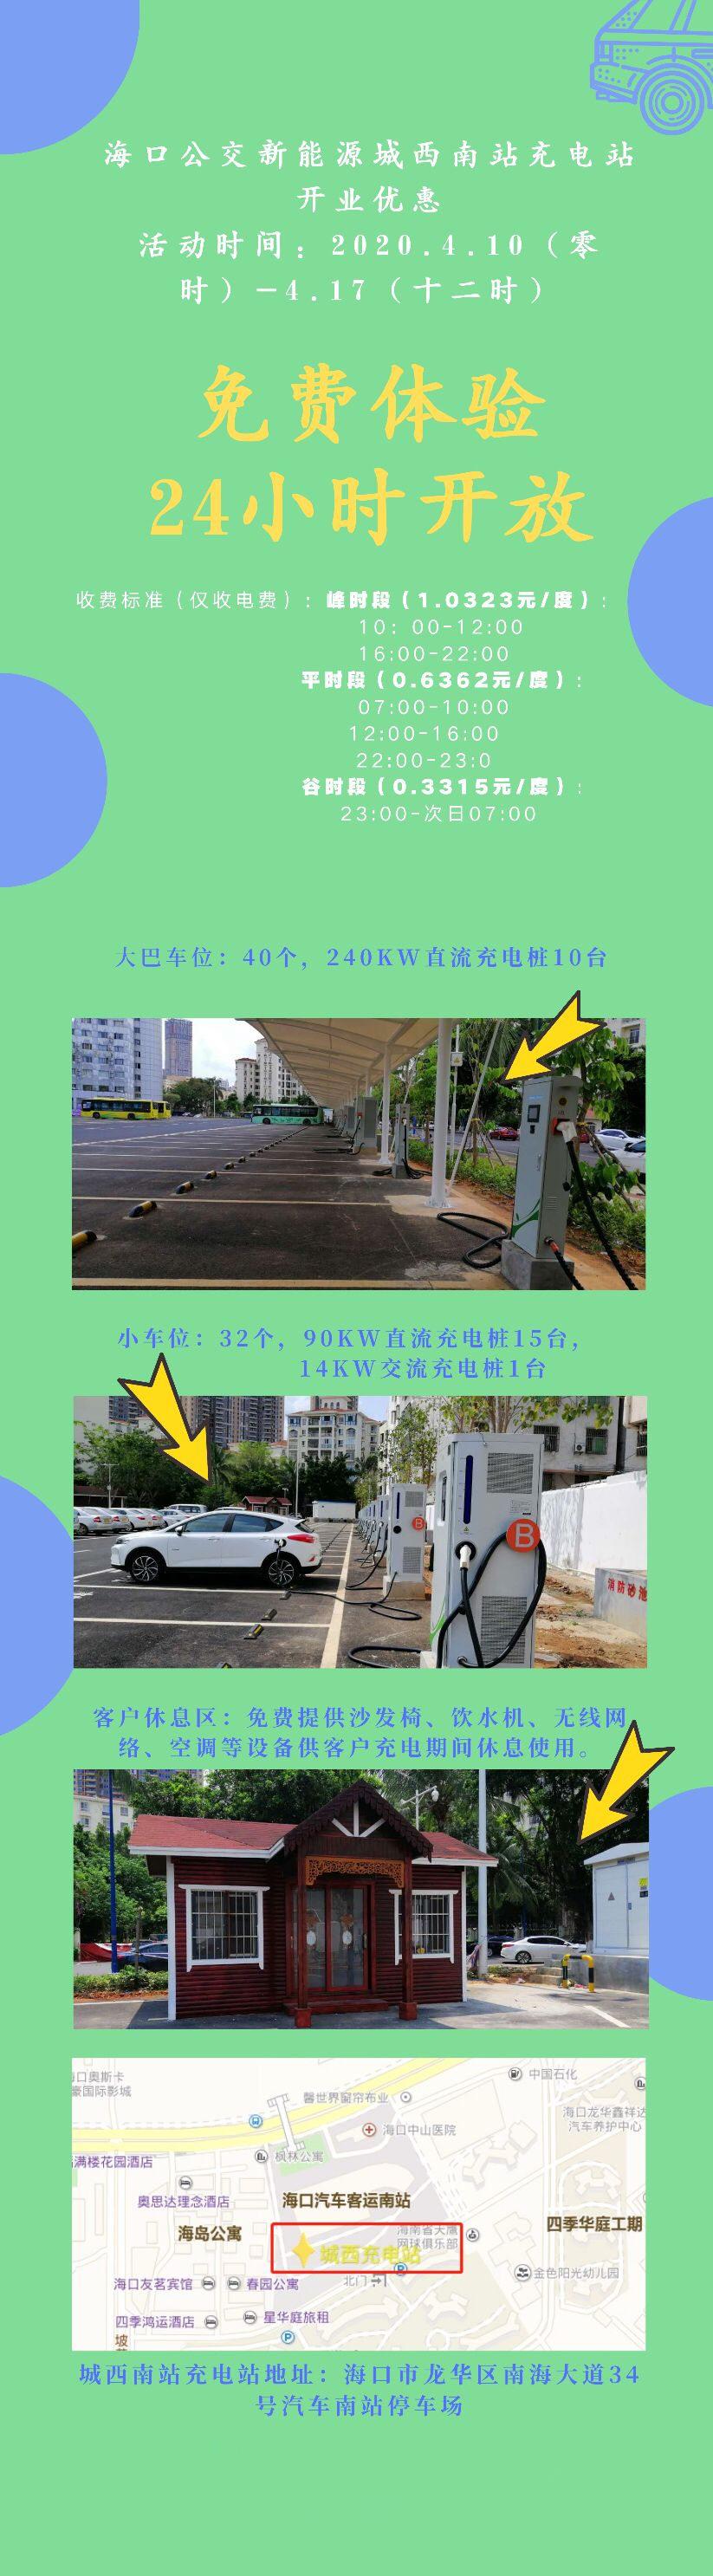 海口19座公交场站244台充电桩24小时开放 17日前到这里充电只要0.33元/度